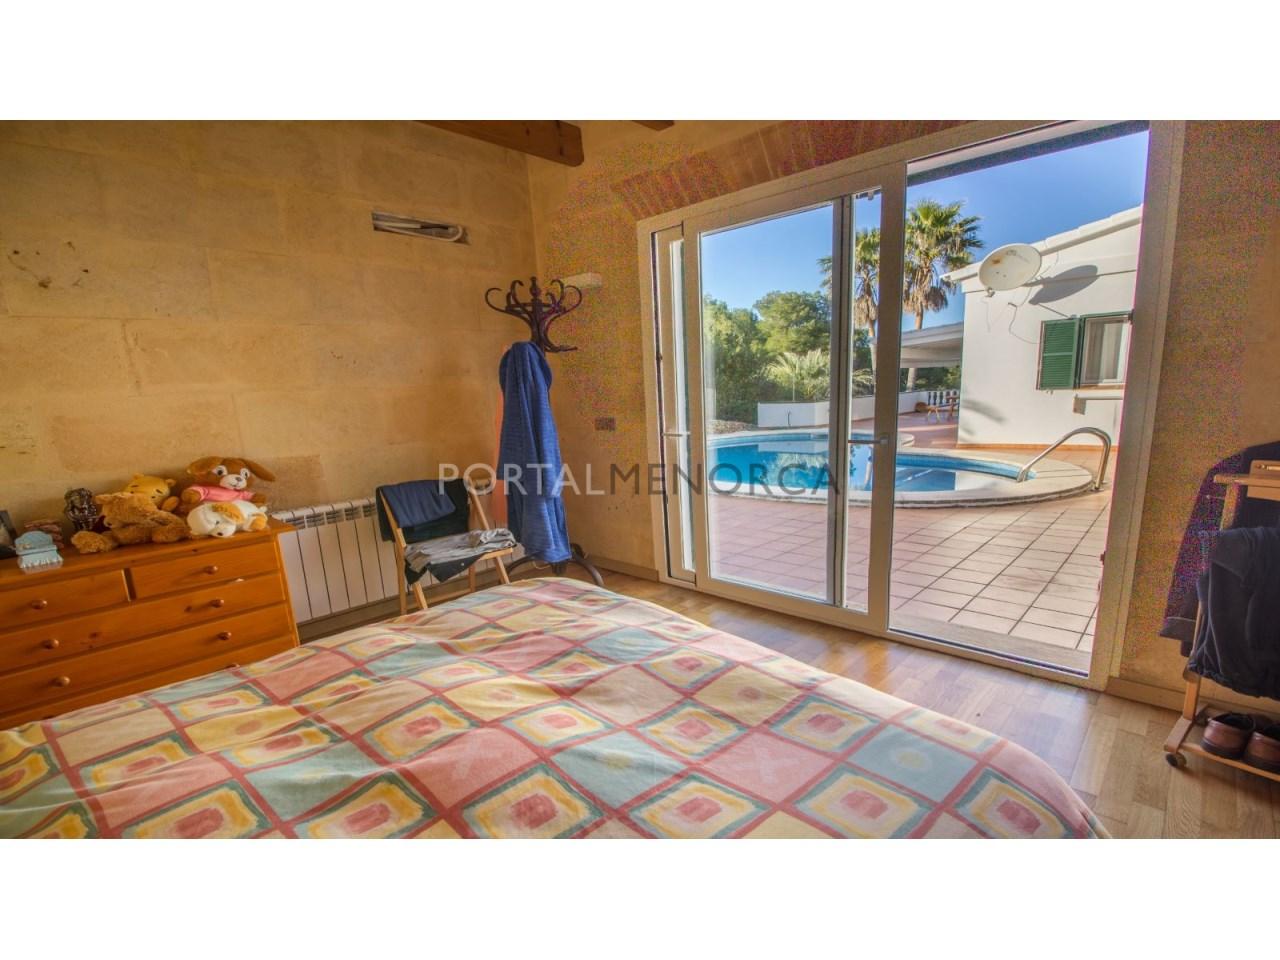 12 Dormitorio - Chalet en venta en Addaia (2)